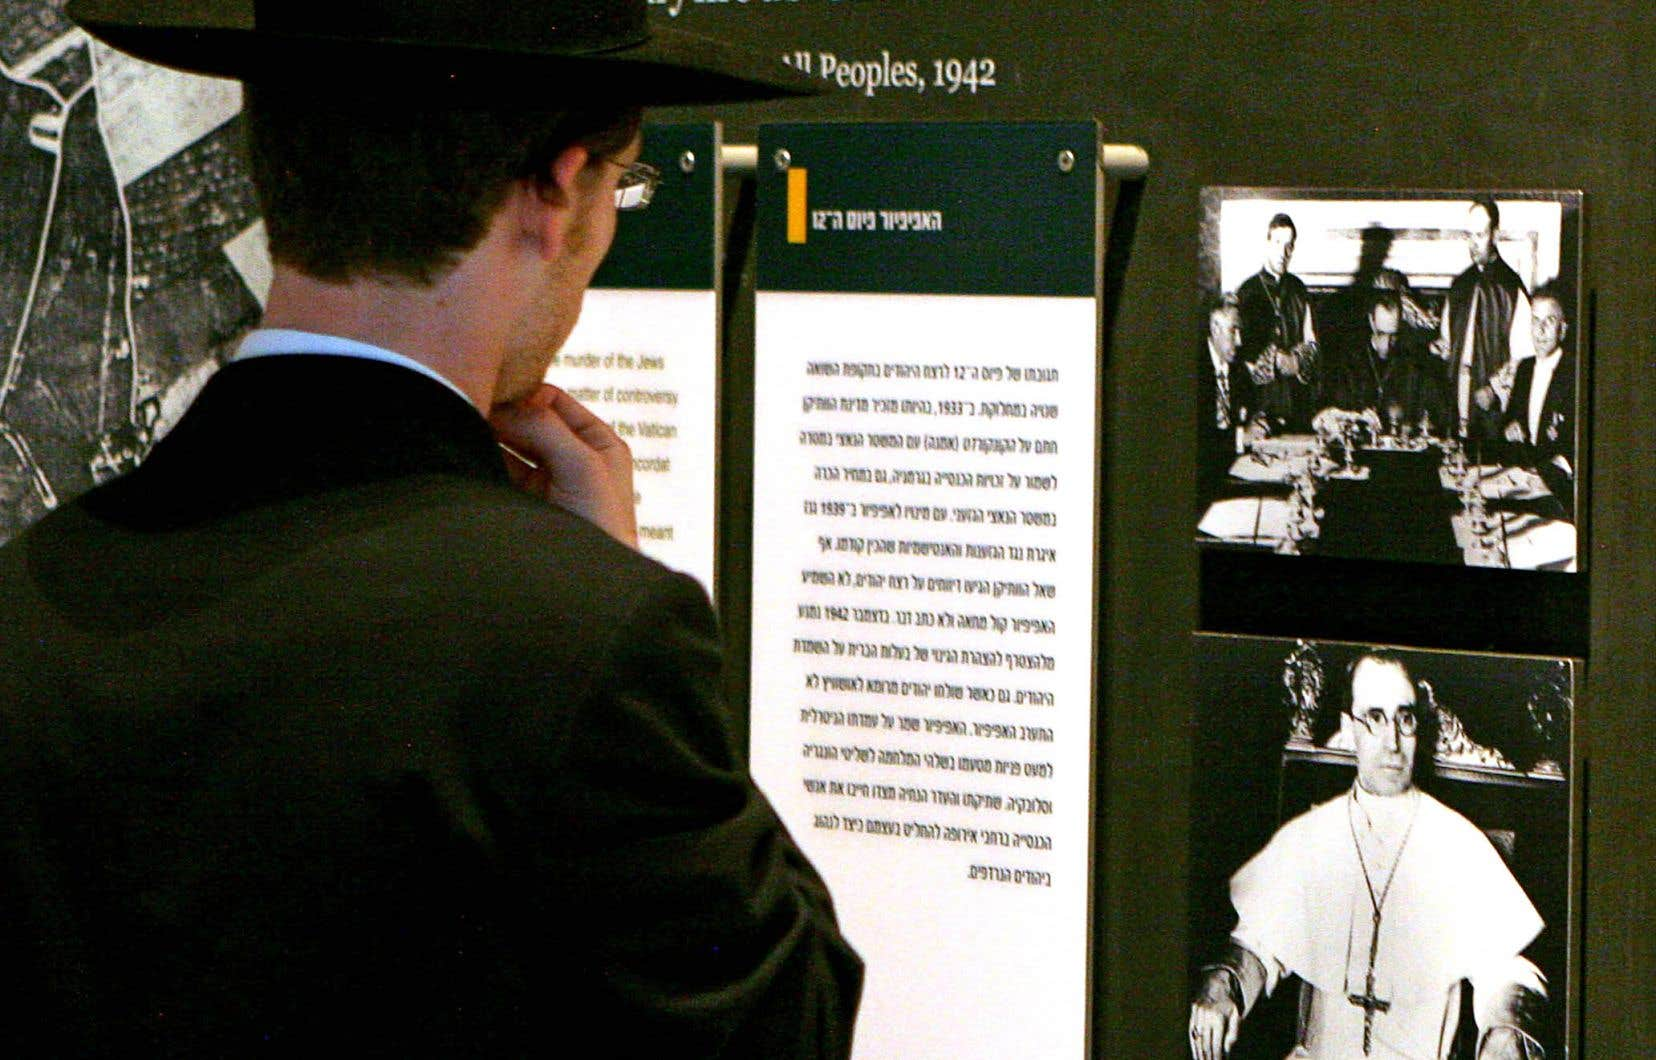 Un juif regarde un panneau consacré au pape Pie XII au Mémorial de la Shoah de Yad Vashem, à Jérusalem.